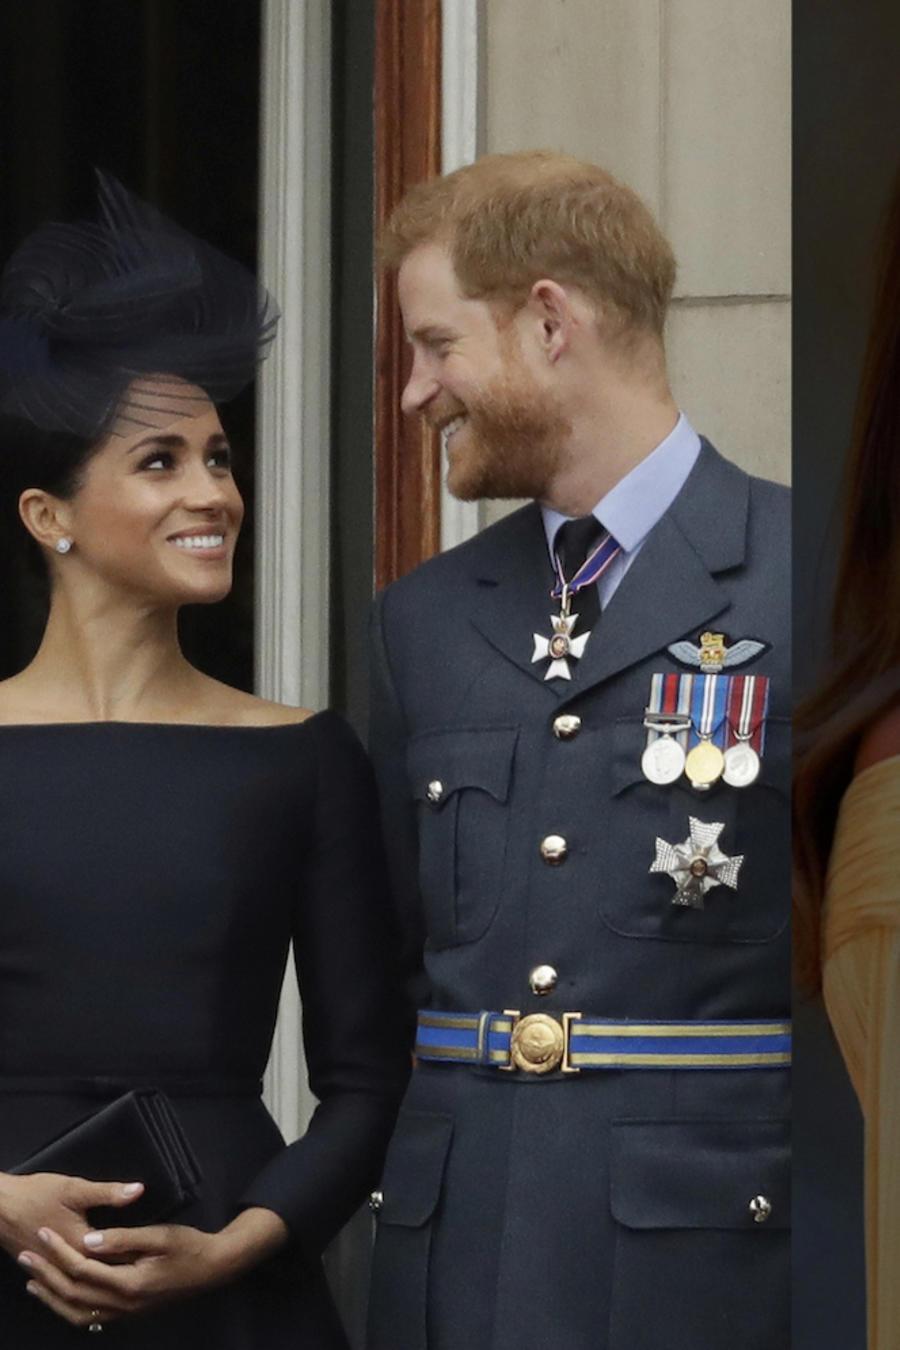 A la izquierda, la reina Isabel, el príncipe William y Meghan Markle, el martes. A la derecha, Donald Trump y su esposa, Melania, este jueves.